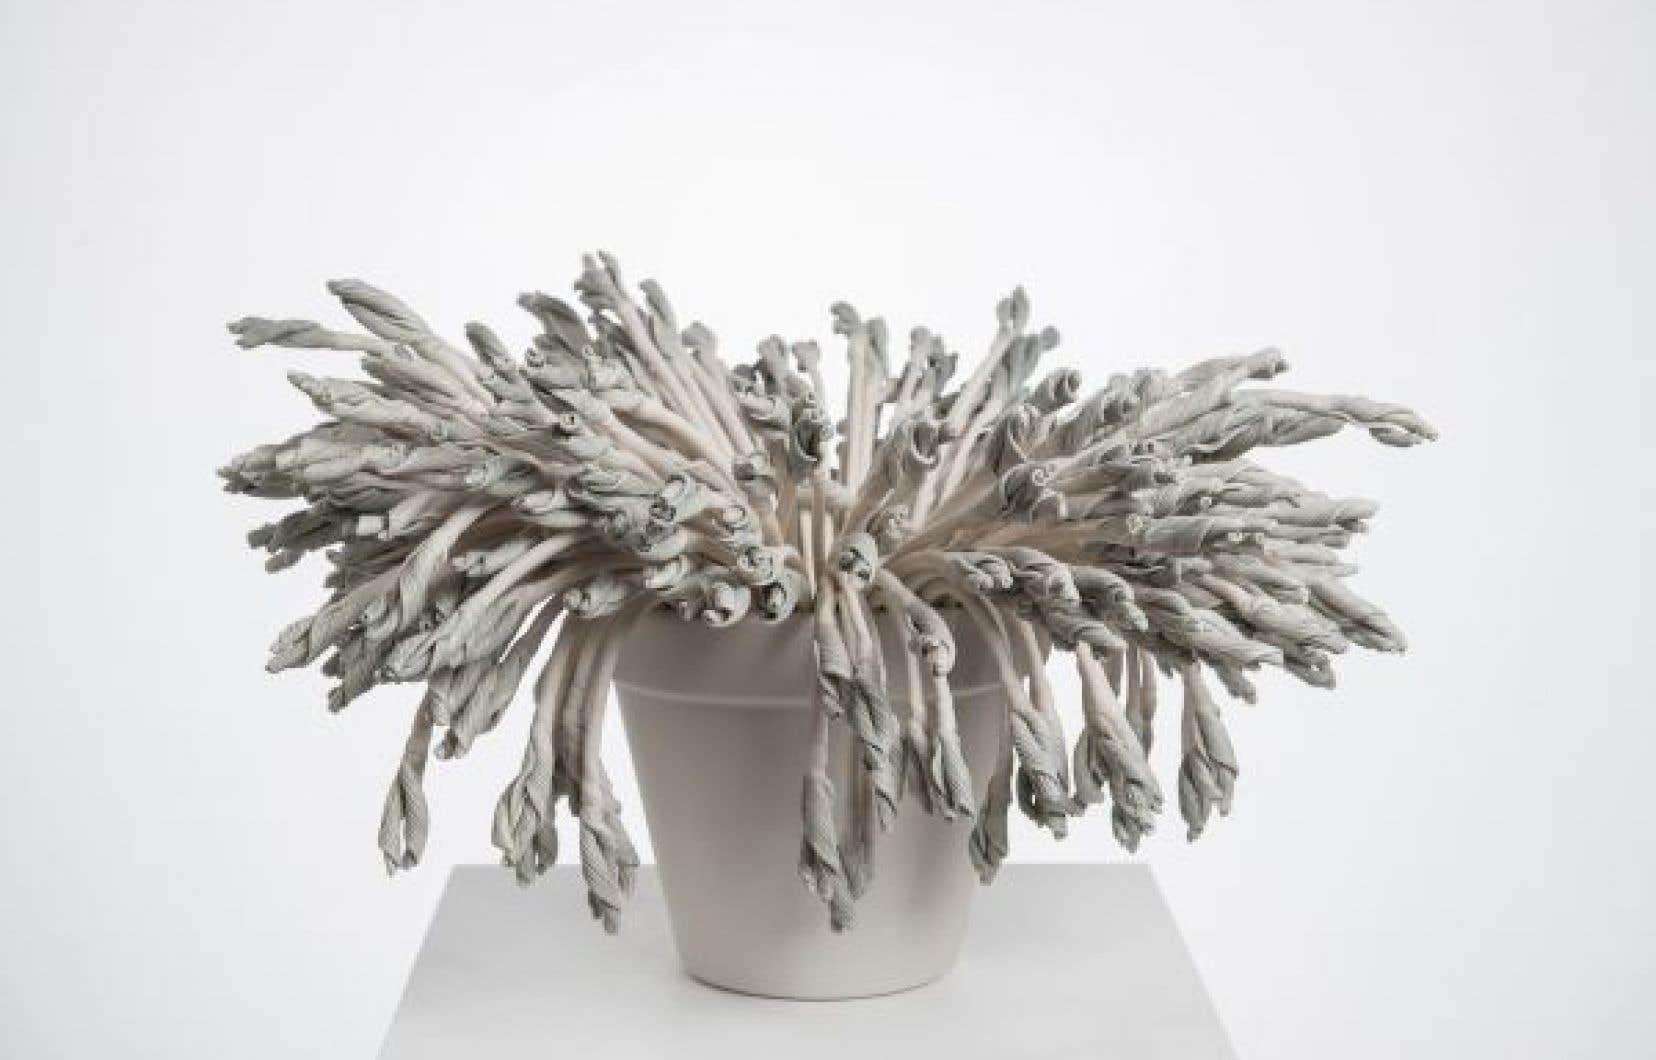 L'œuvre «Métaphores mortes» d'Amélie Proulx, présentée dans le cadre de l'exposition «ce qui du monde se prélève permet à l'œil de s'ouvrir», montre des plantes en céramique.